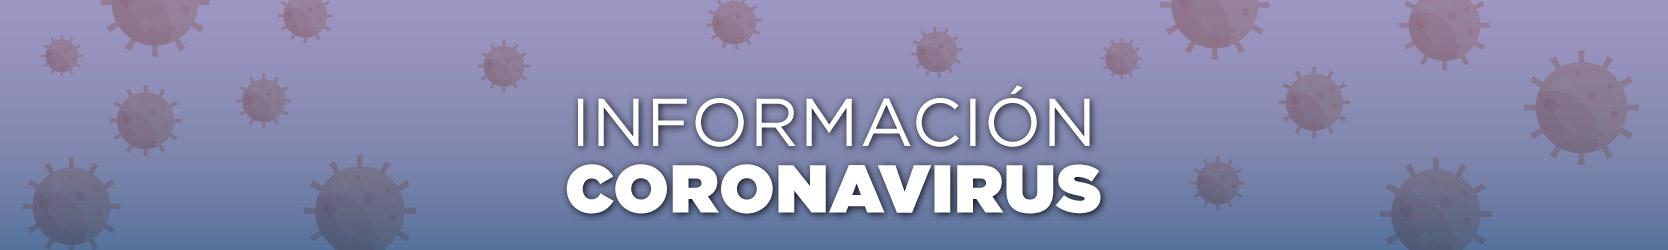 banner_coronavirus